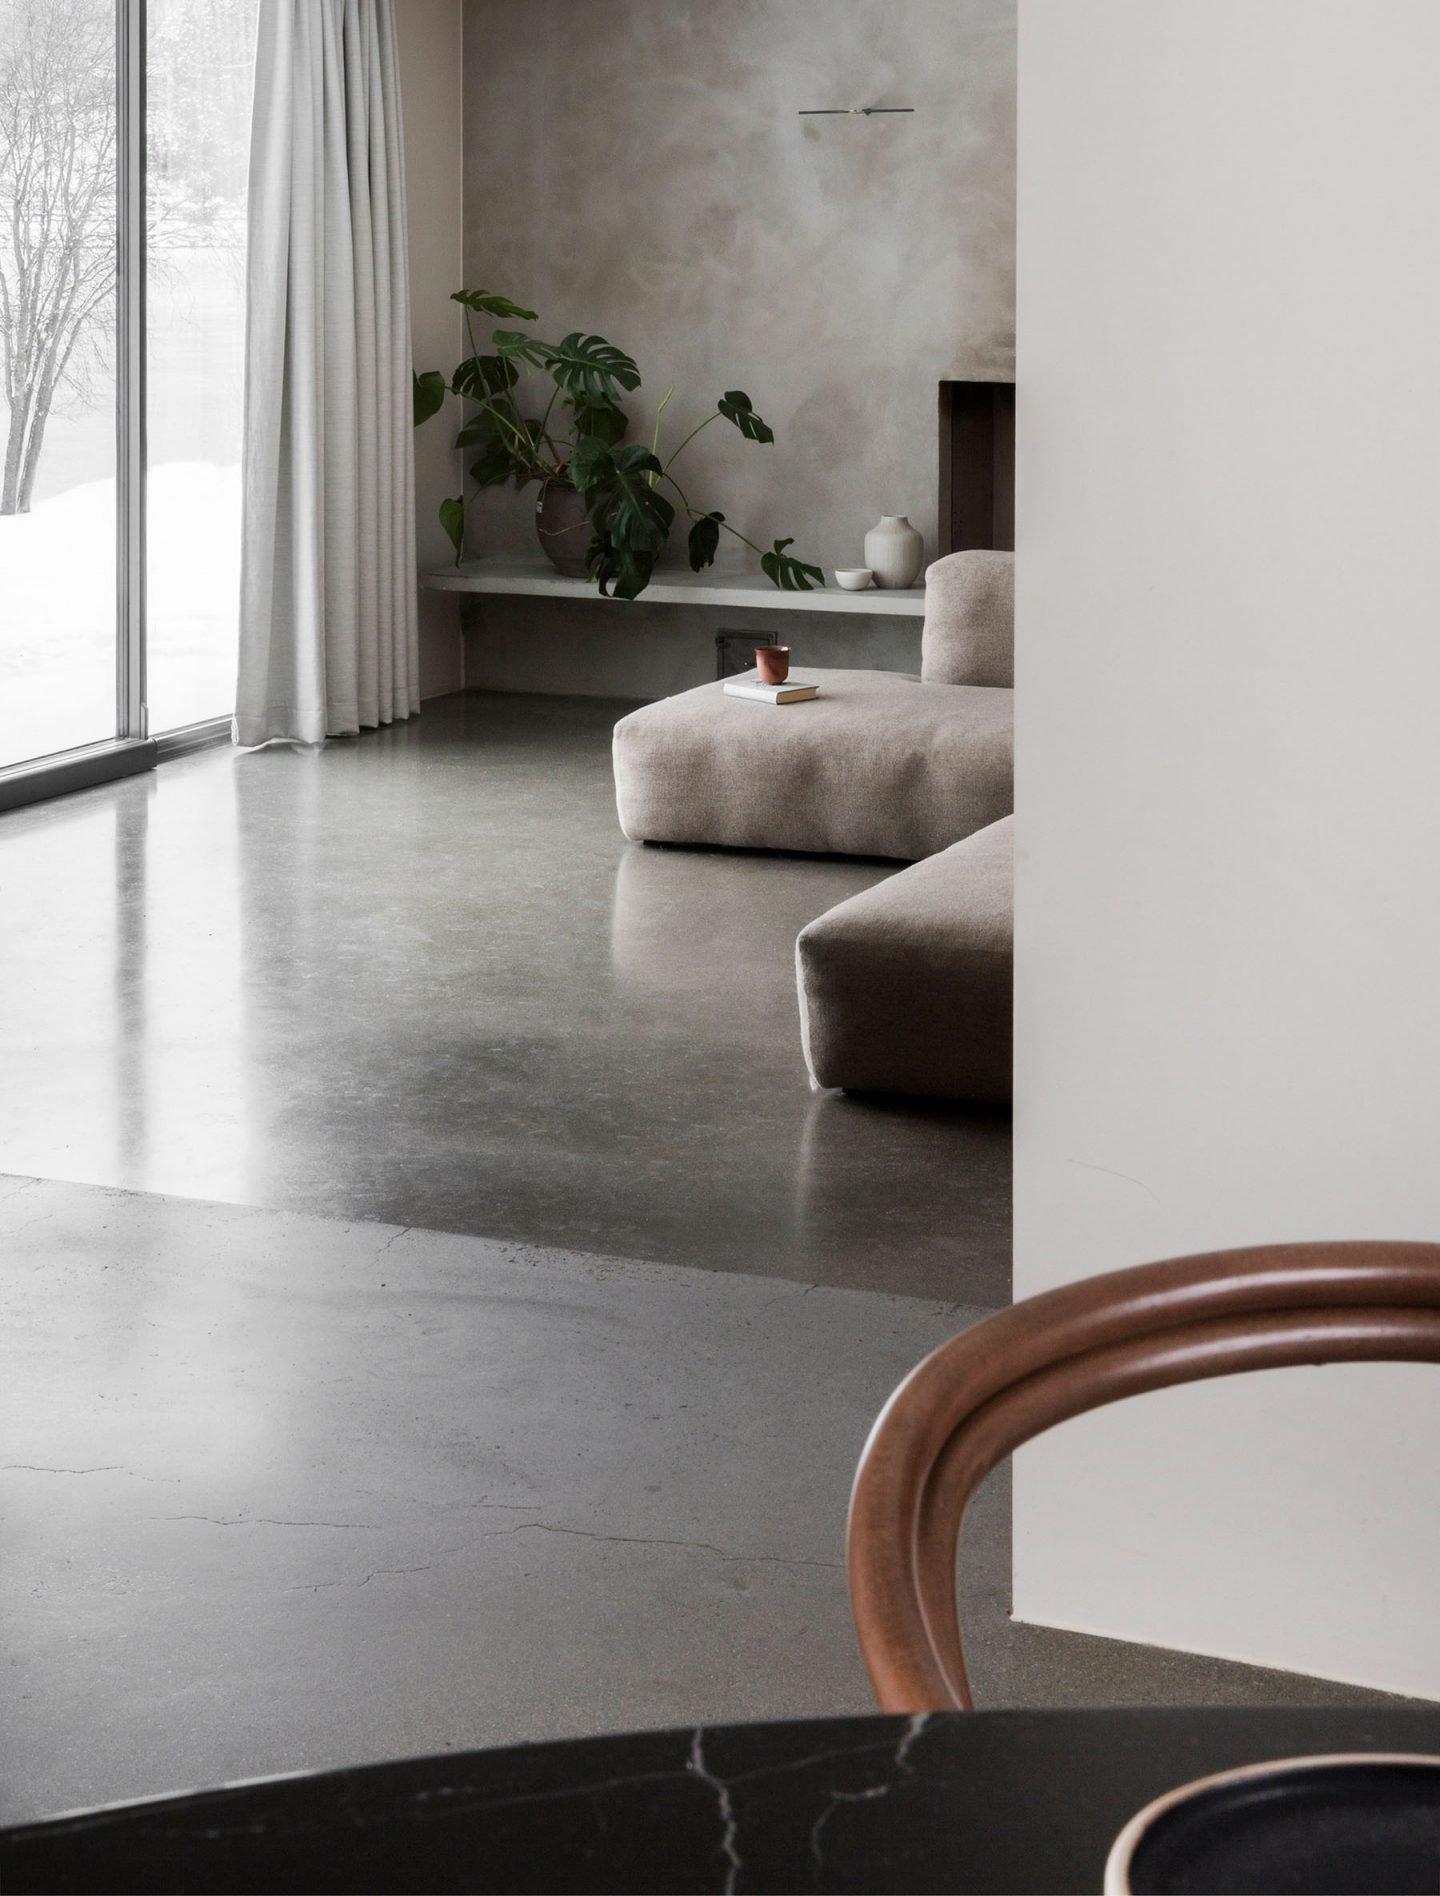 iGNANT-Architecture-Norm-Architects-Gjovik-House-04